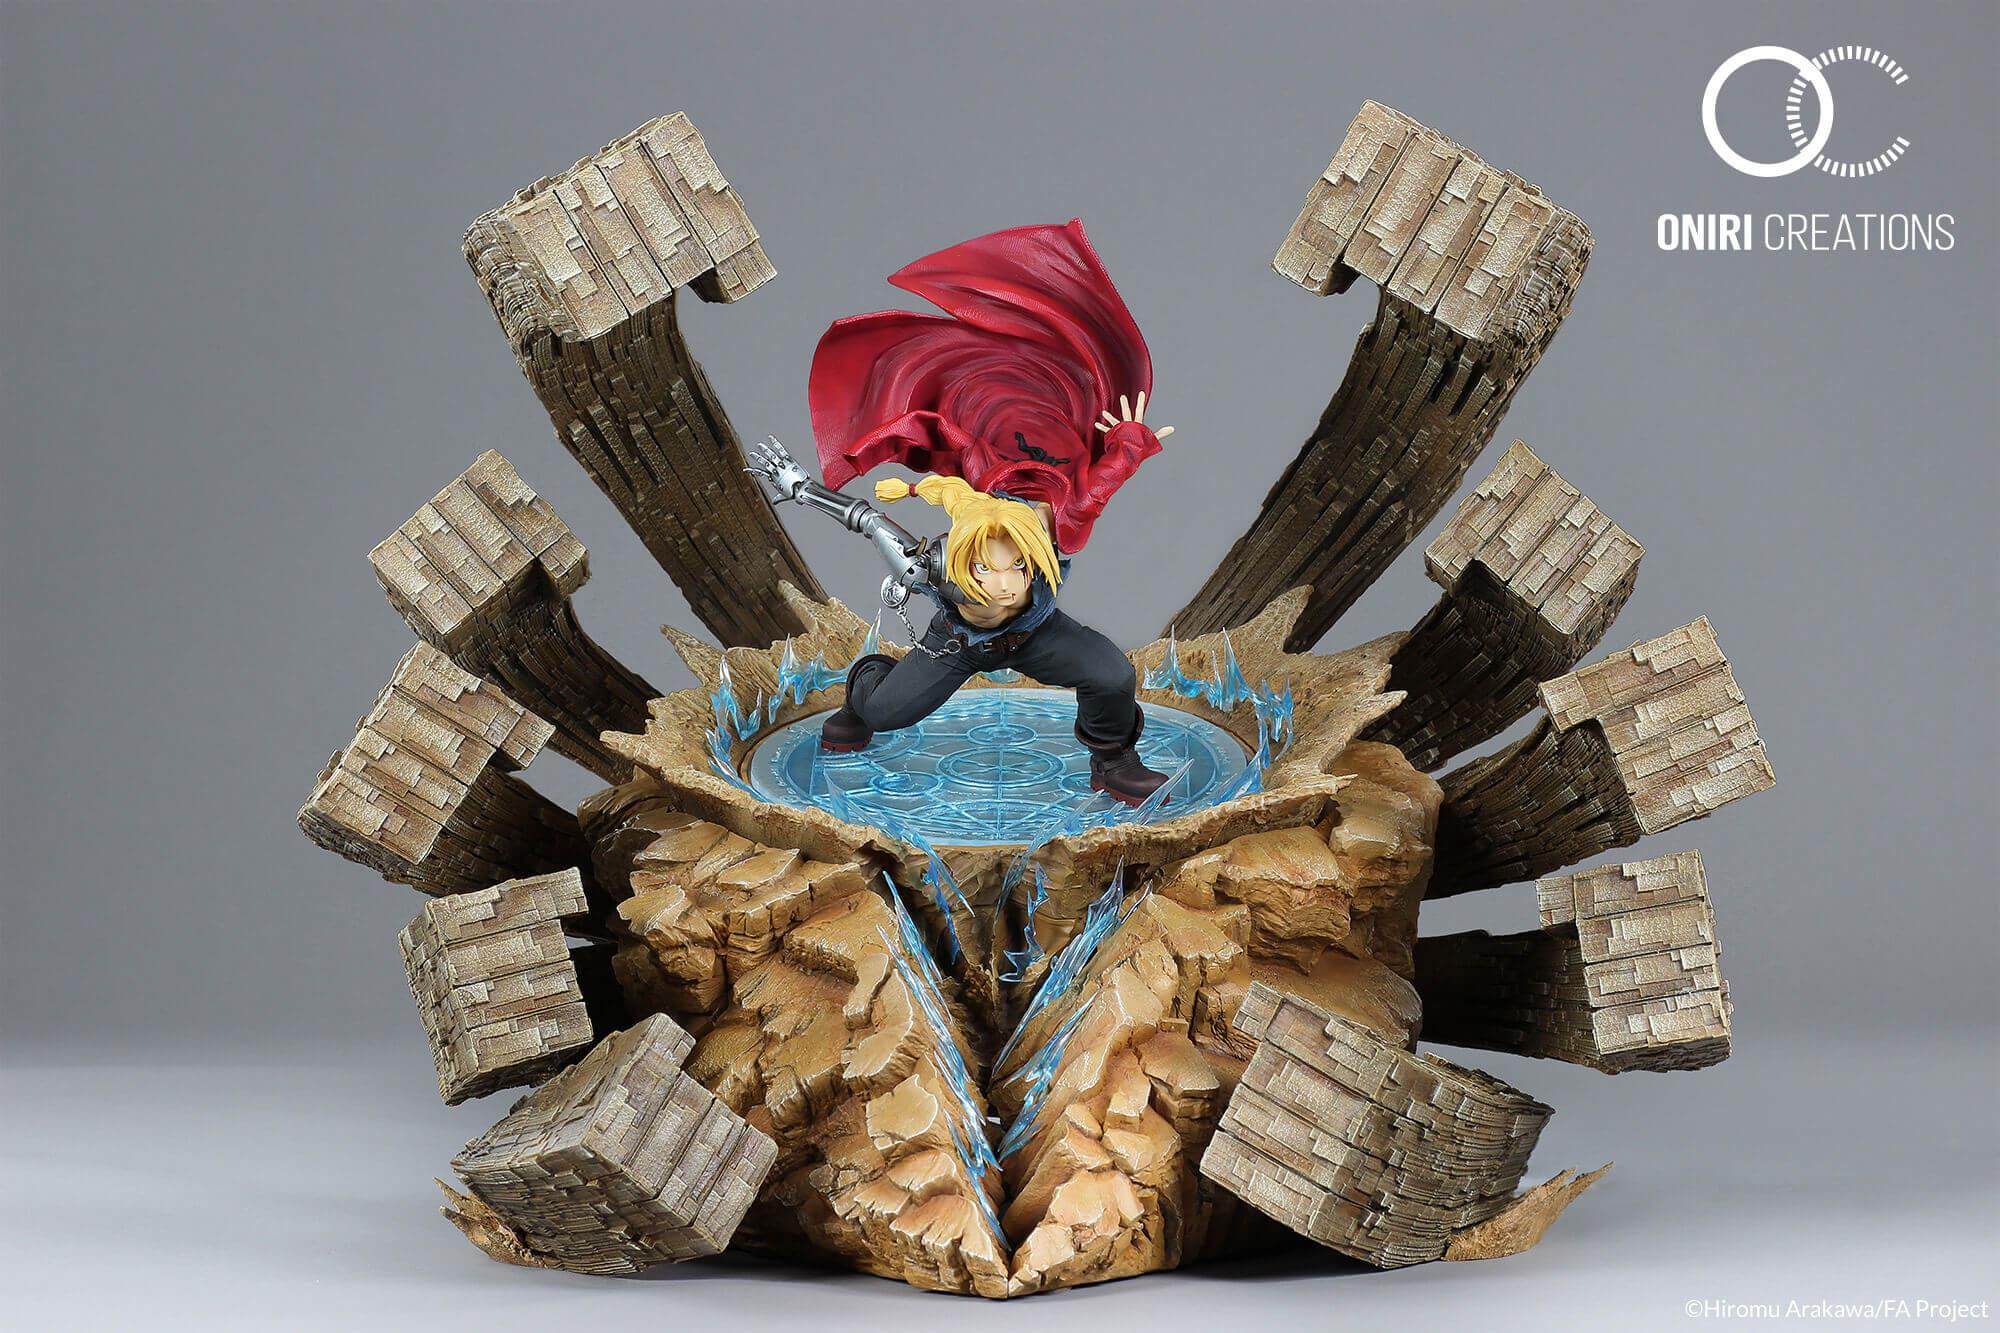 Statue-Fullmetal-Alchimist-Edward-Elric-06-1.jpg